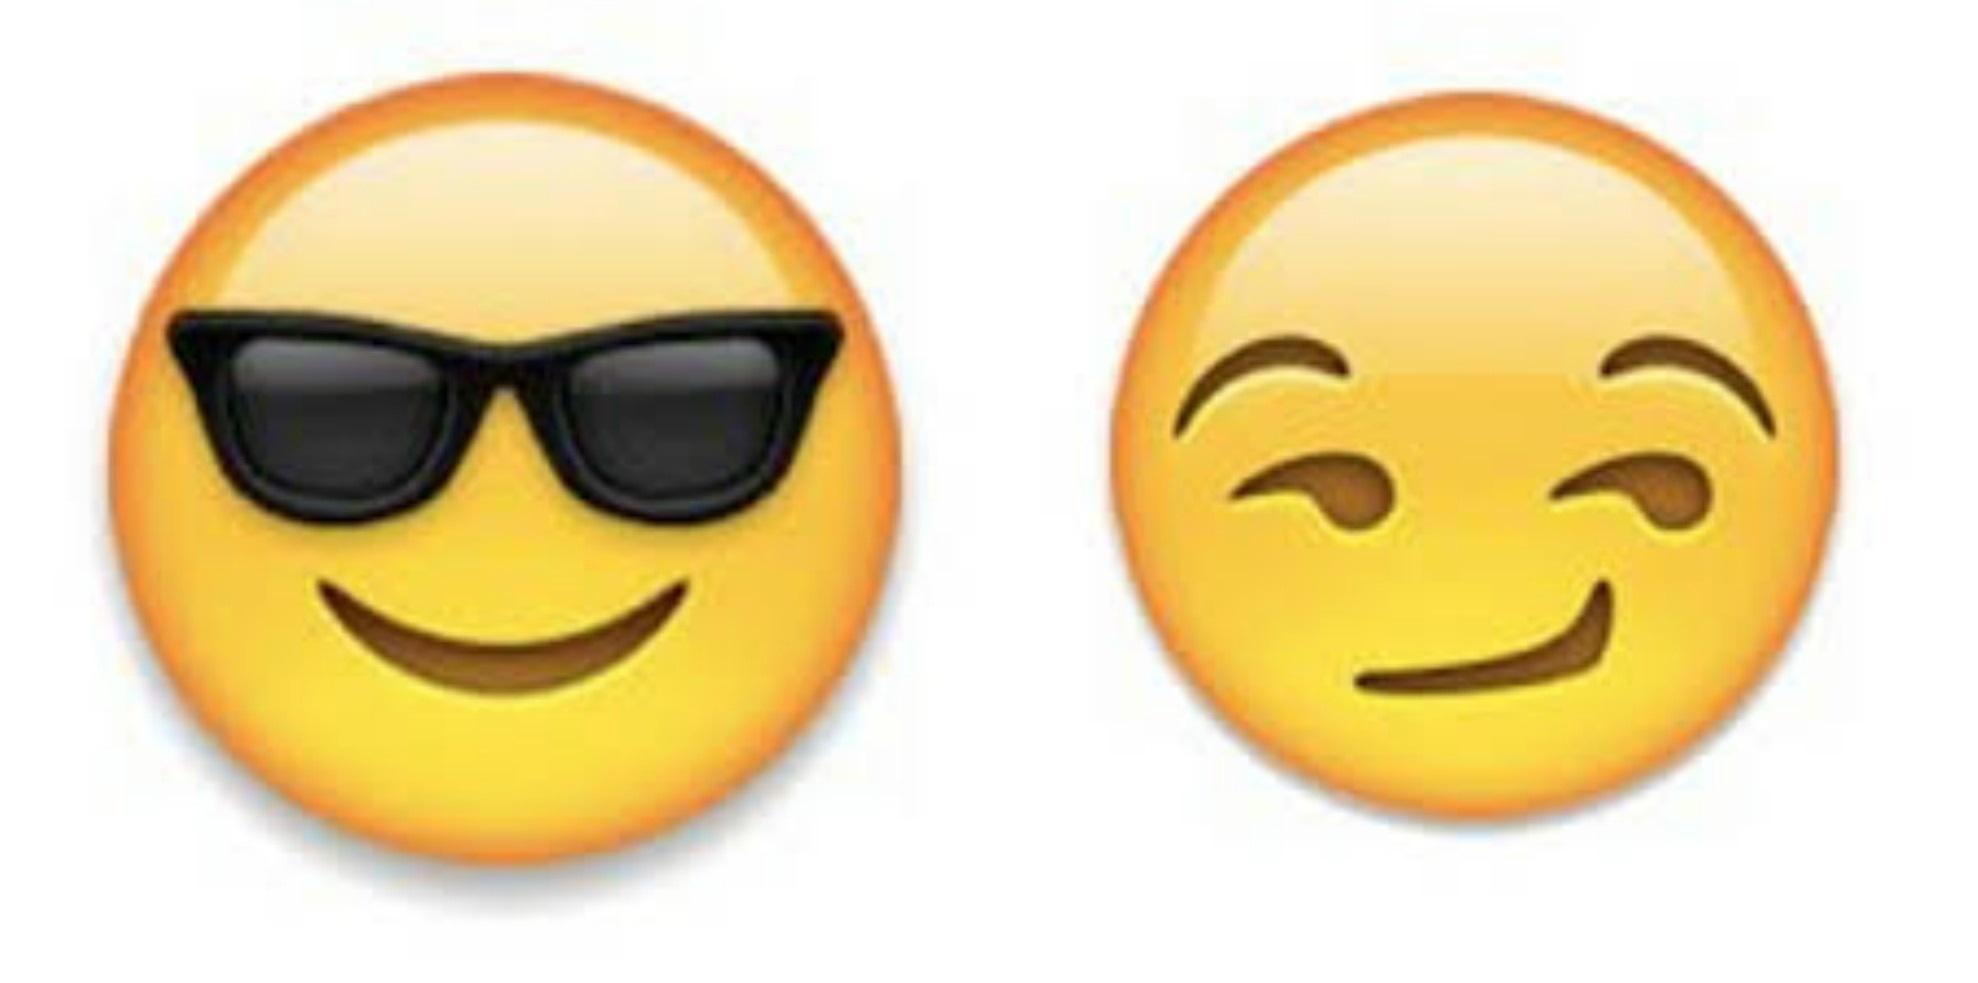 Those Snapchat Emojis & Symbols EXPLAINED!